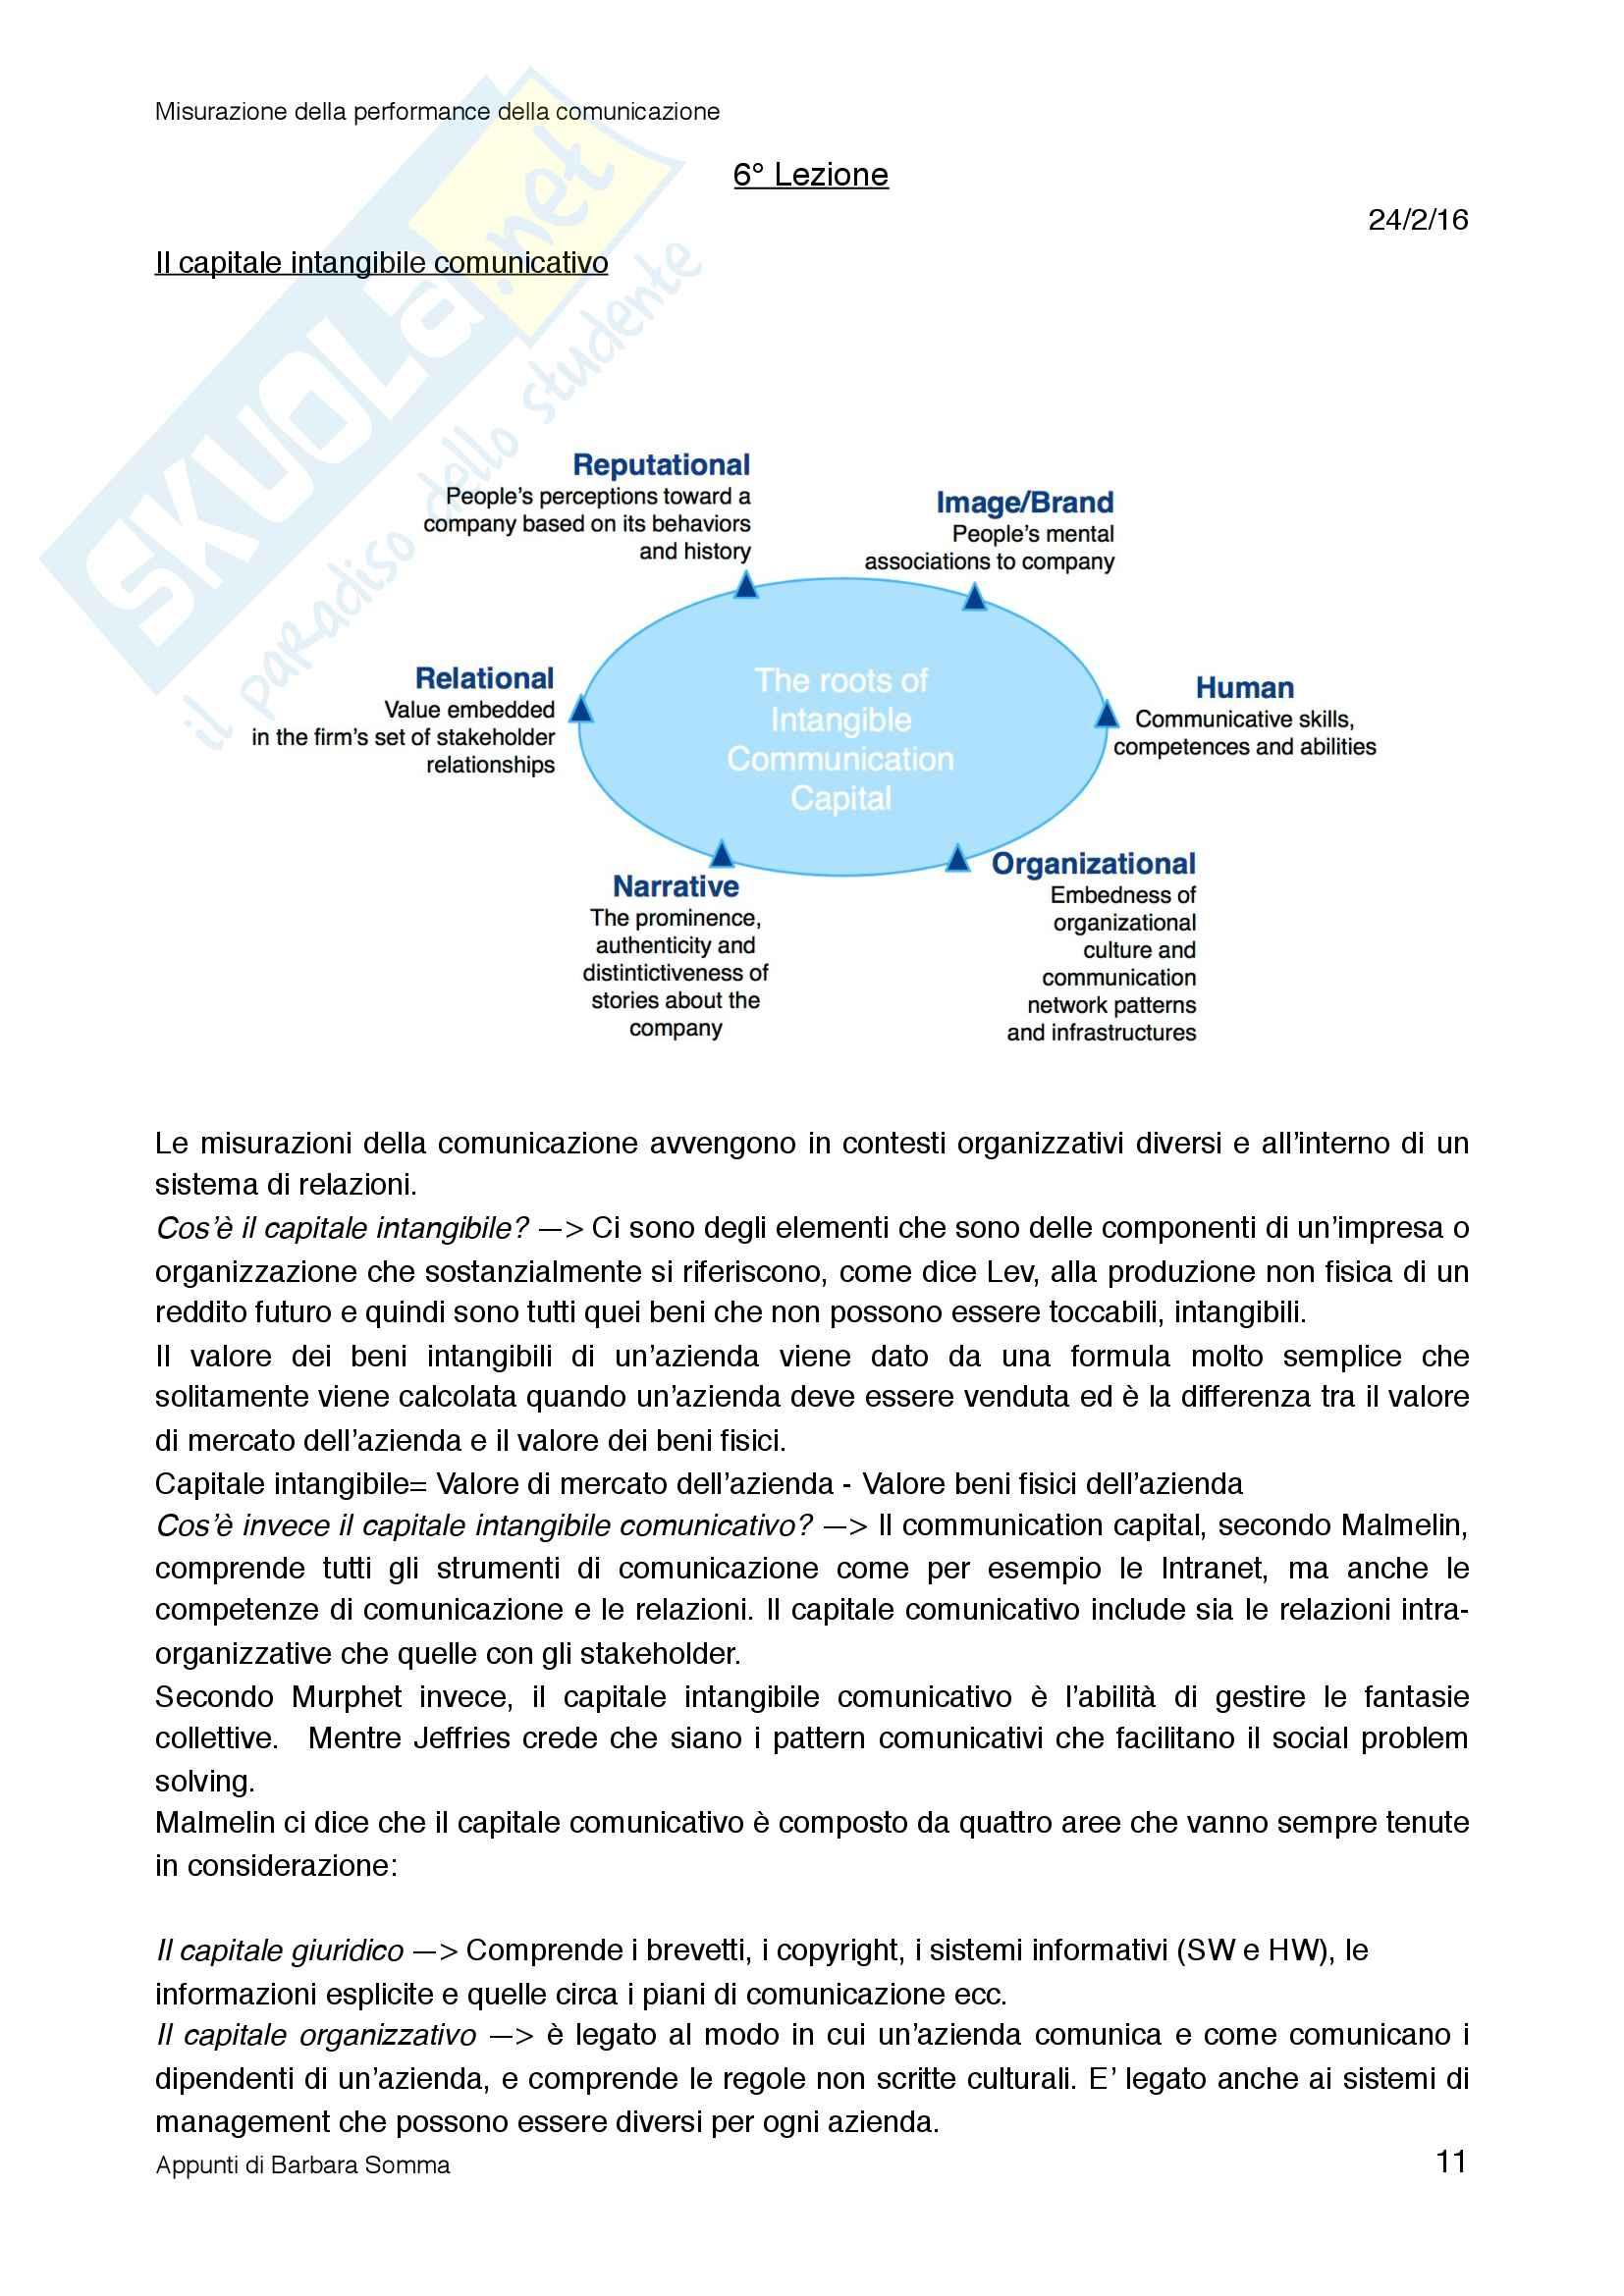 Appunti Misurazione delle Performance della Comunicazione Pag. 11